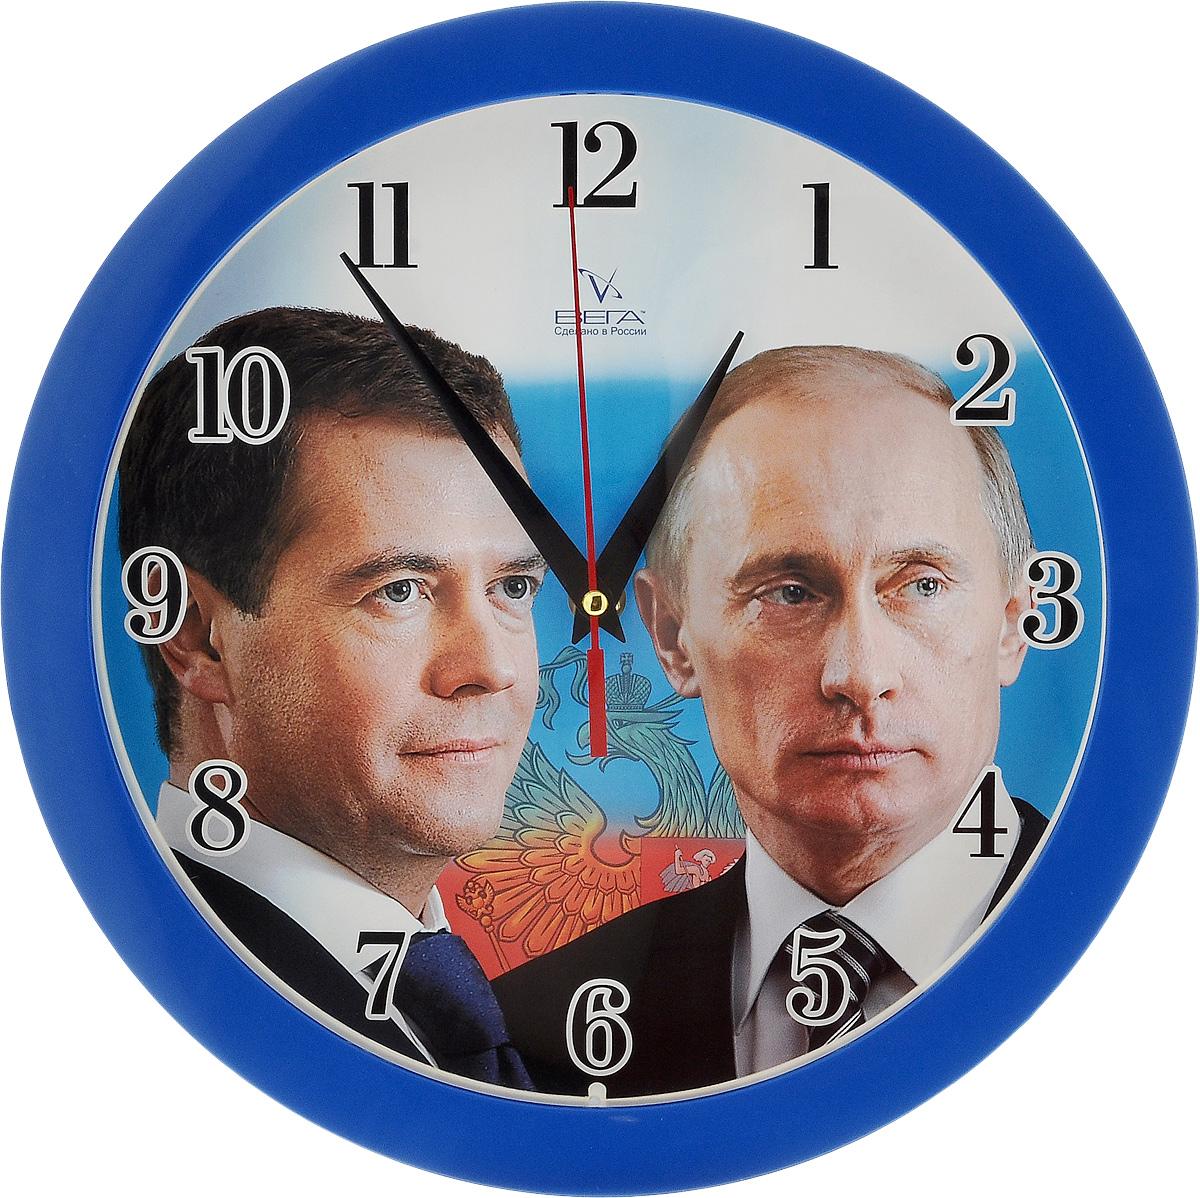 Часы настенные Вега Первые лица, диаметр 28,5 смП1-10/7-40Настенные кварцевые часы Вега Первые лица, изготовленные из пластика, прекрасно впишутся в интерьер вашего дома. Круглые часы имеют три стрелки: часовую, минутную и секундную, циферблат защищен прозрачным стеклом. Часы работают от 1 батарейки типа АА напряжением 1,5 В (не входит в комплект). Диаметр часов: 28,5 см.